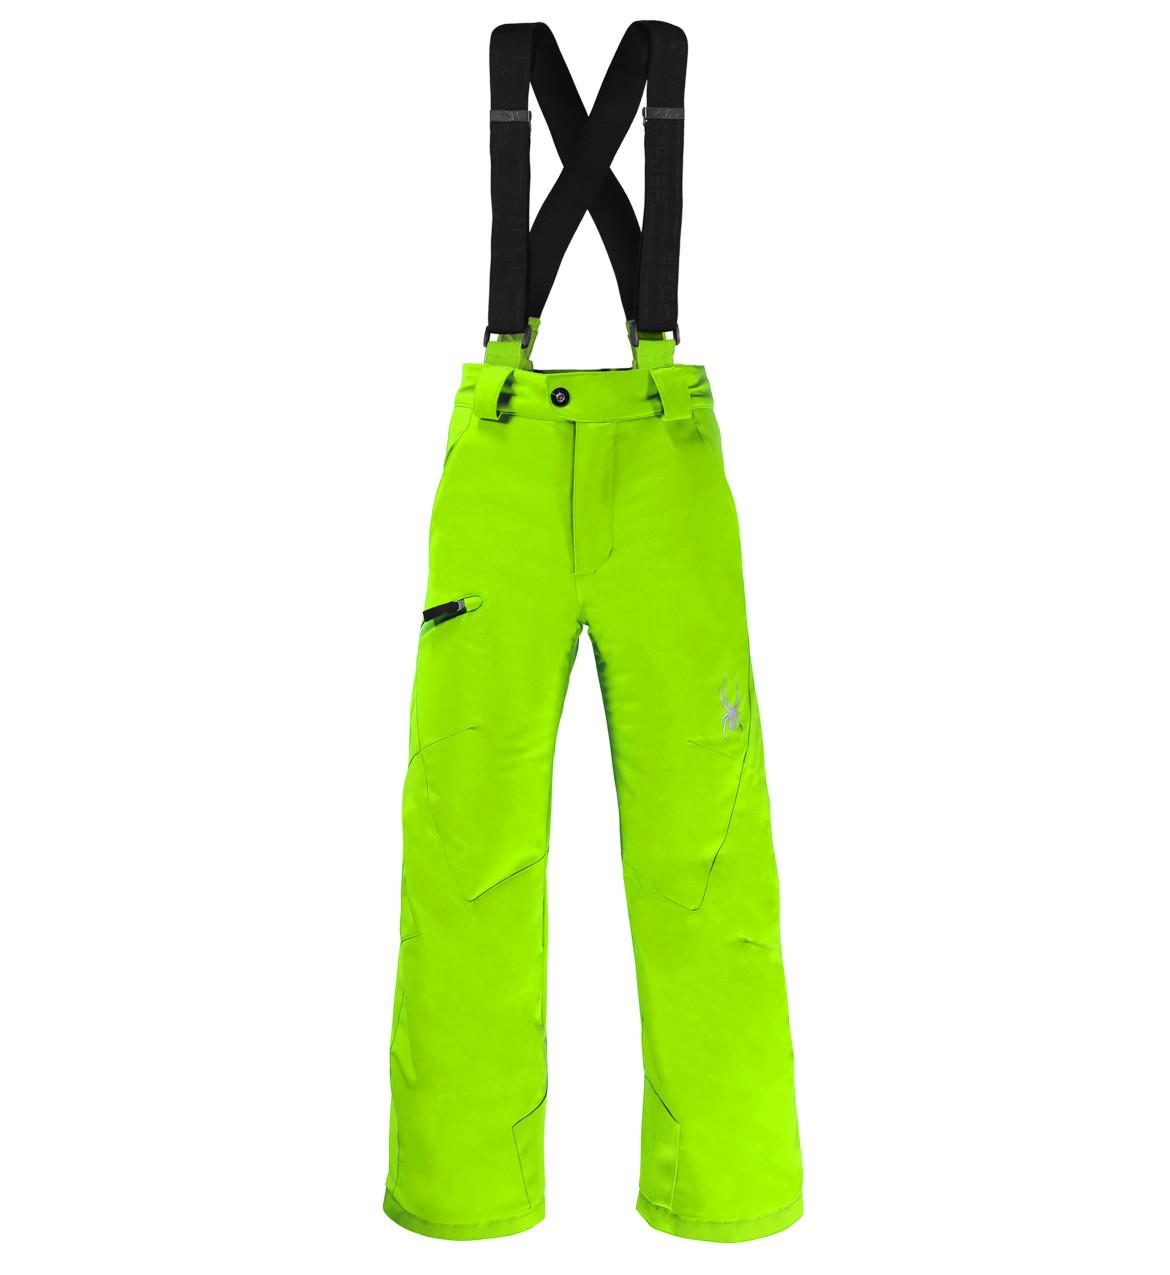 Горнолыжные брюки детские Spyder Boys propulsion bryte green (MD)